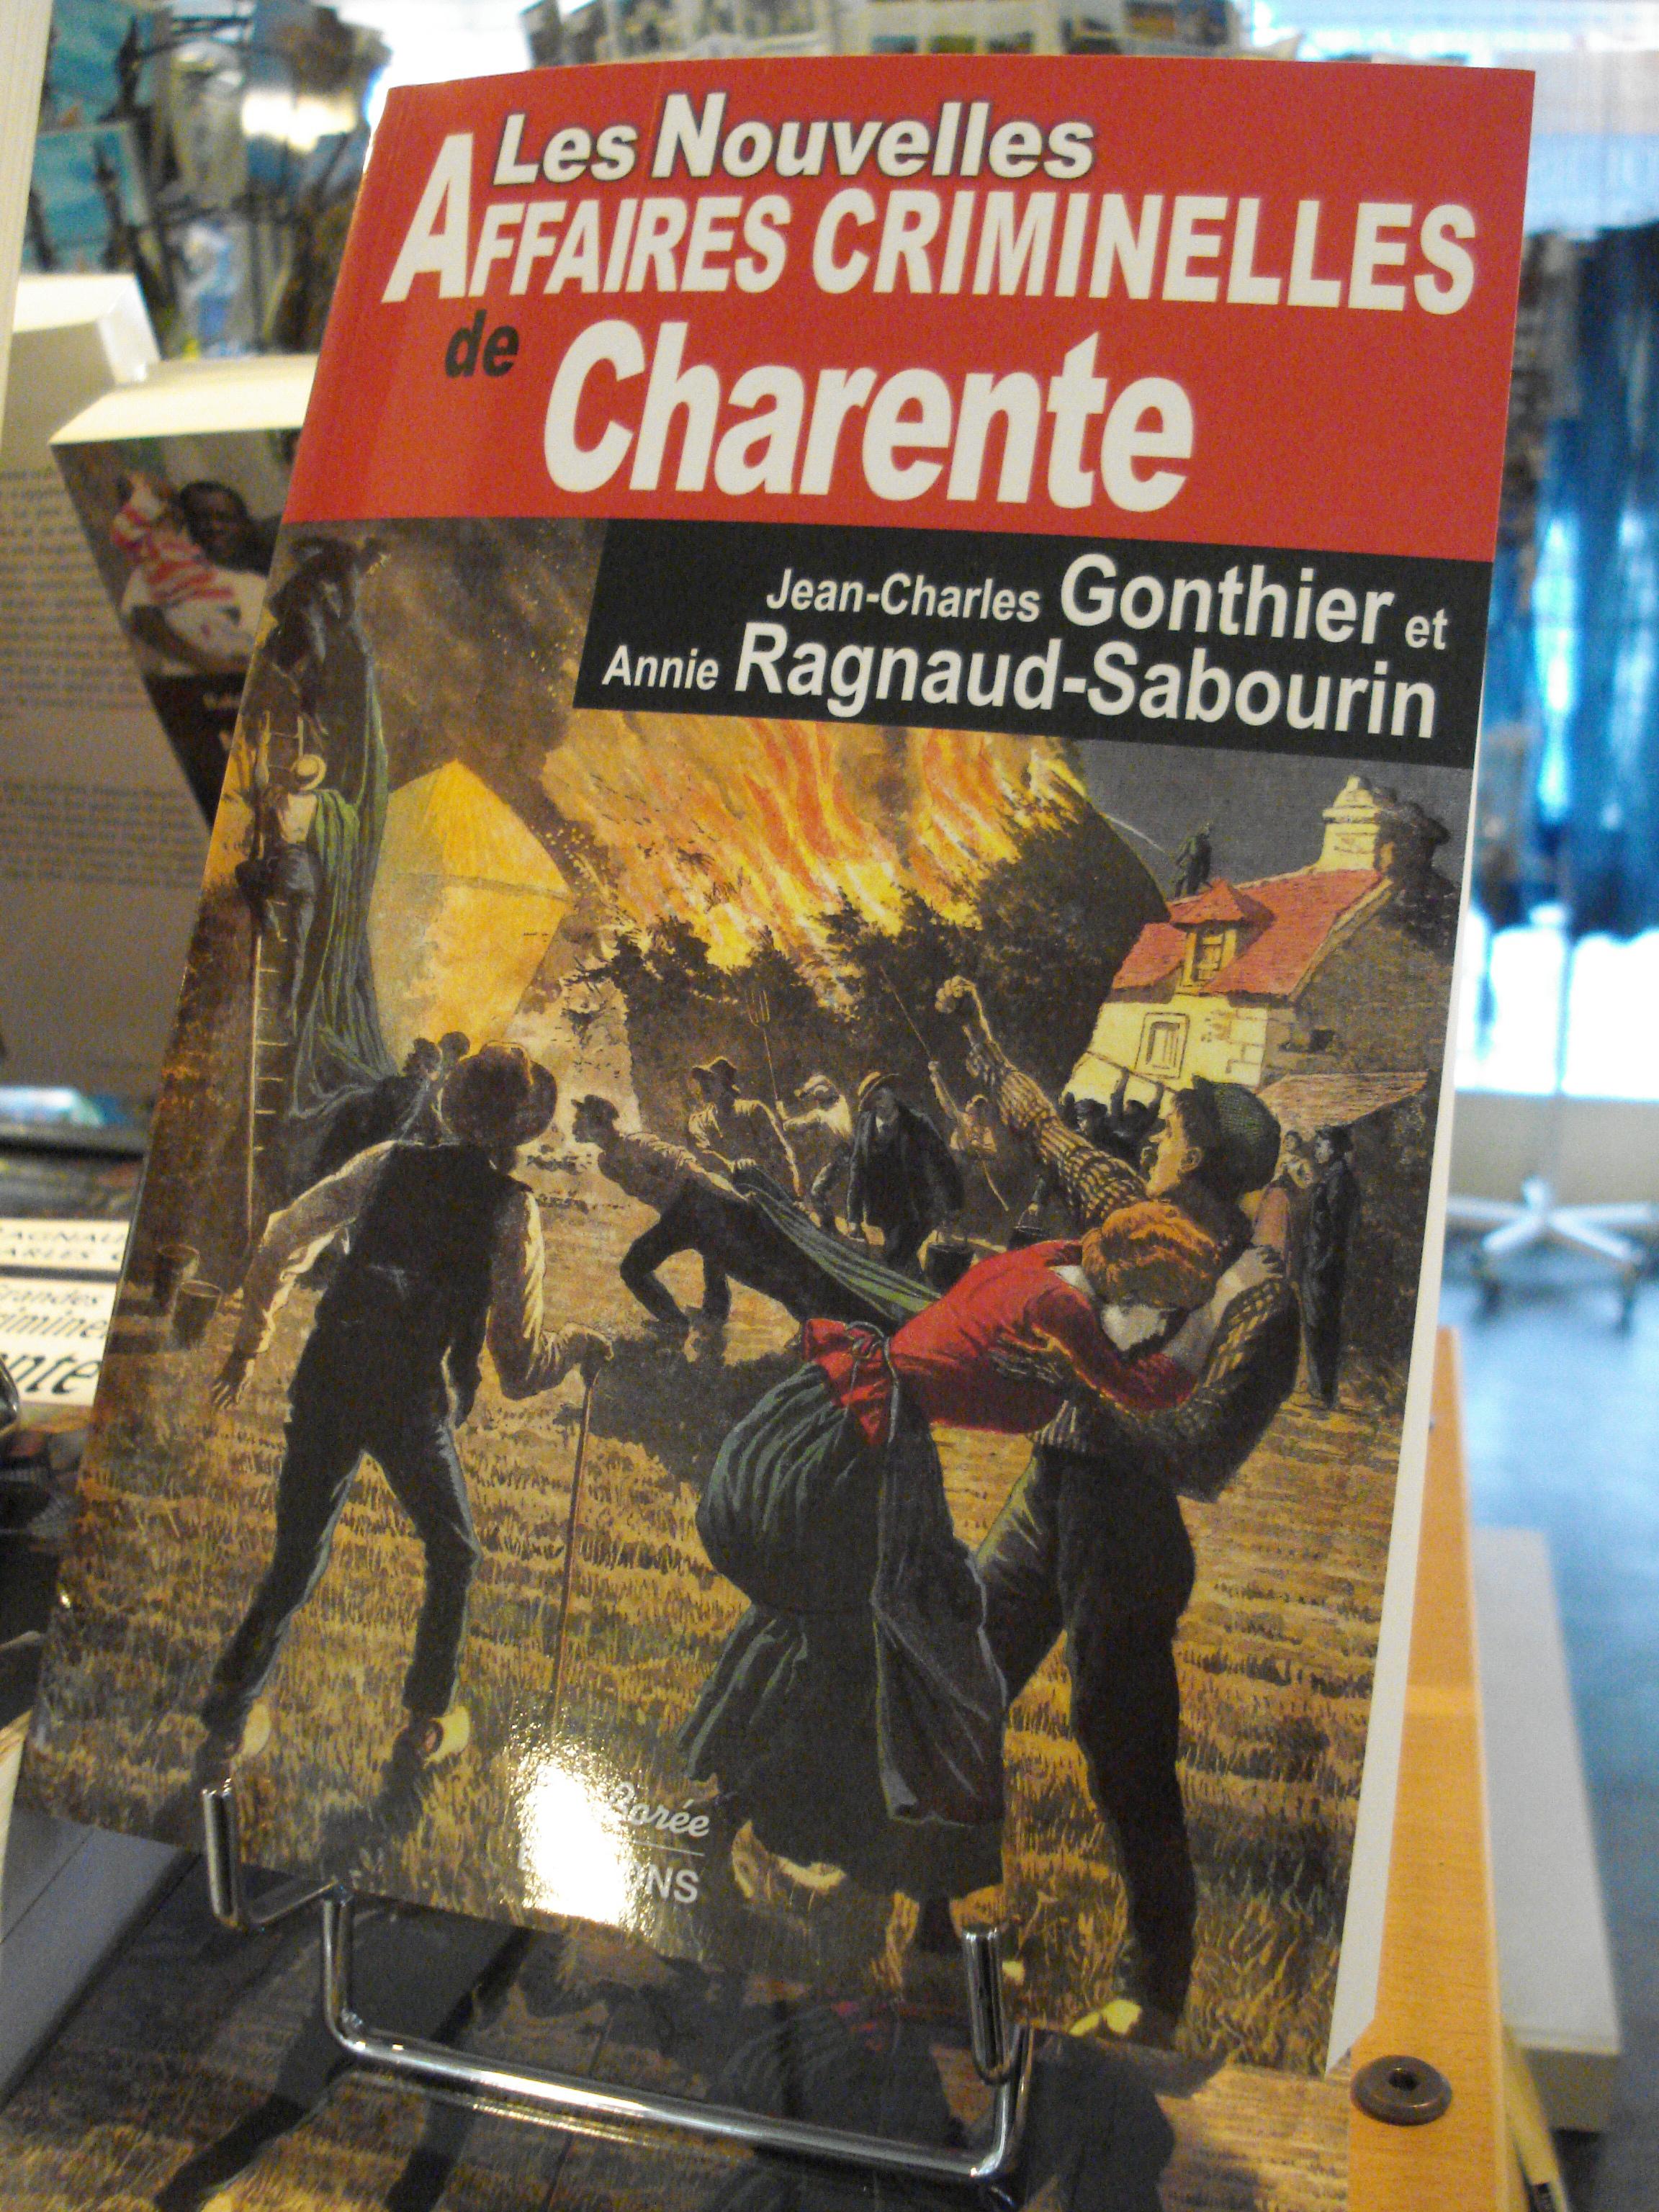 Annie Ragnaud-Sabourin and Jean Charles Gonthier: Les Grandes Affaires Criminelles de Charente